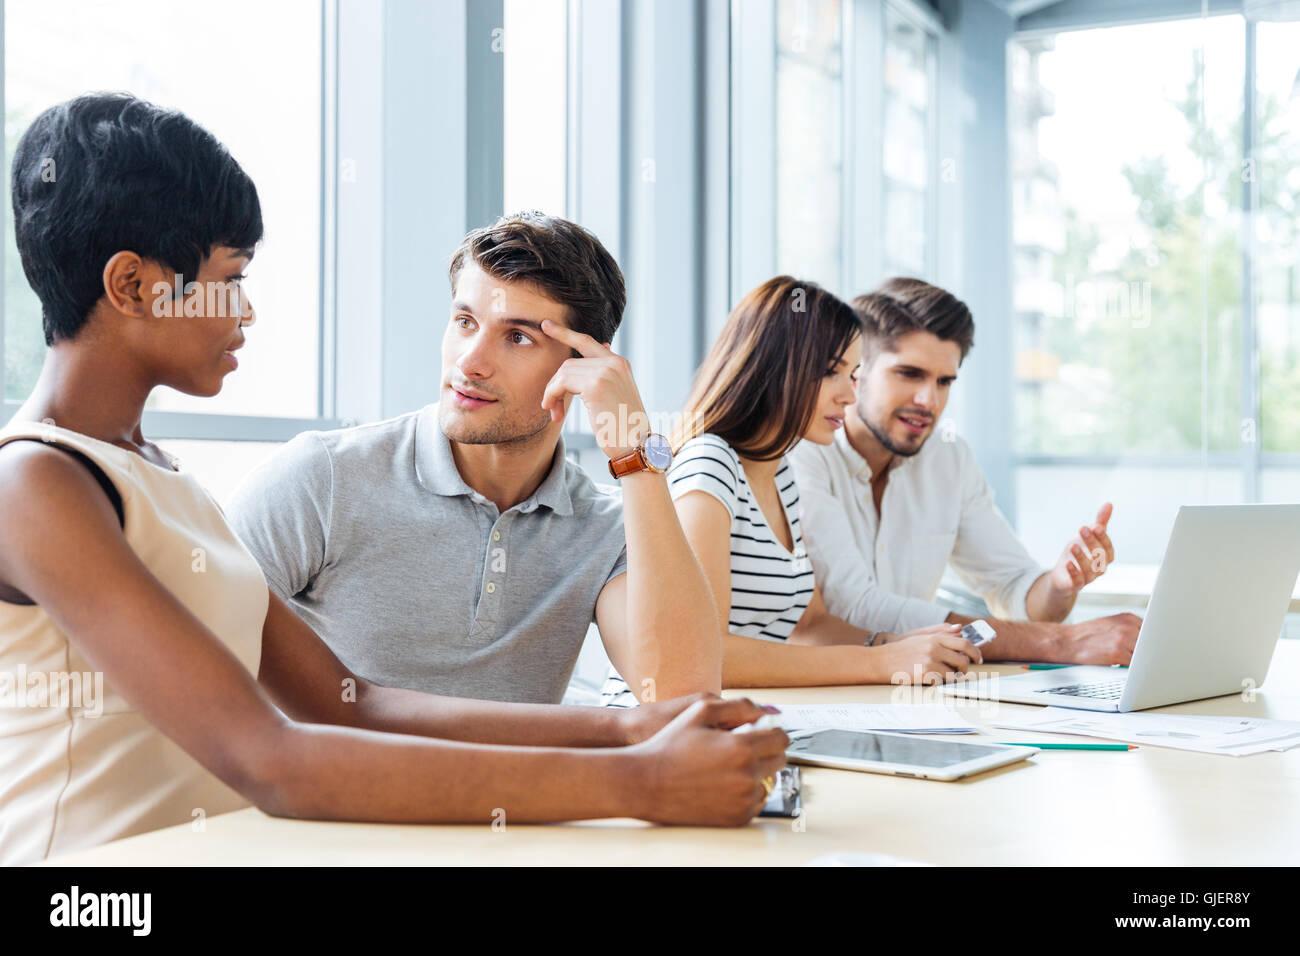 Grupo de jóvenes empresarios sentados y hablando en Office Imagen De Stock